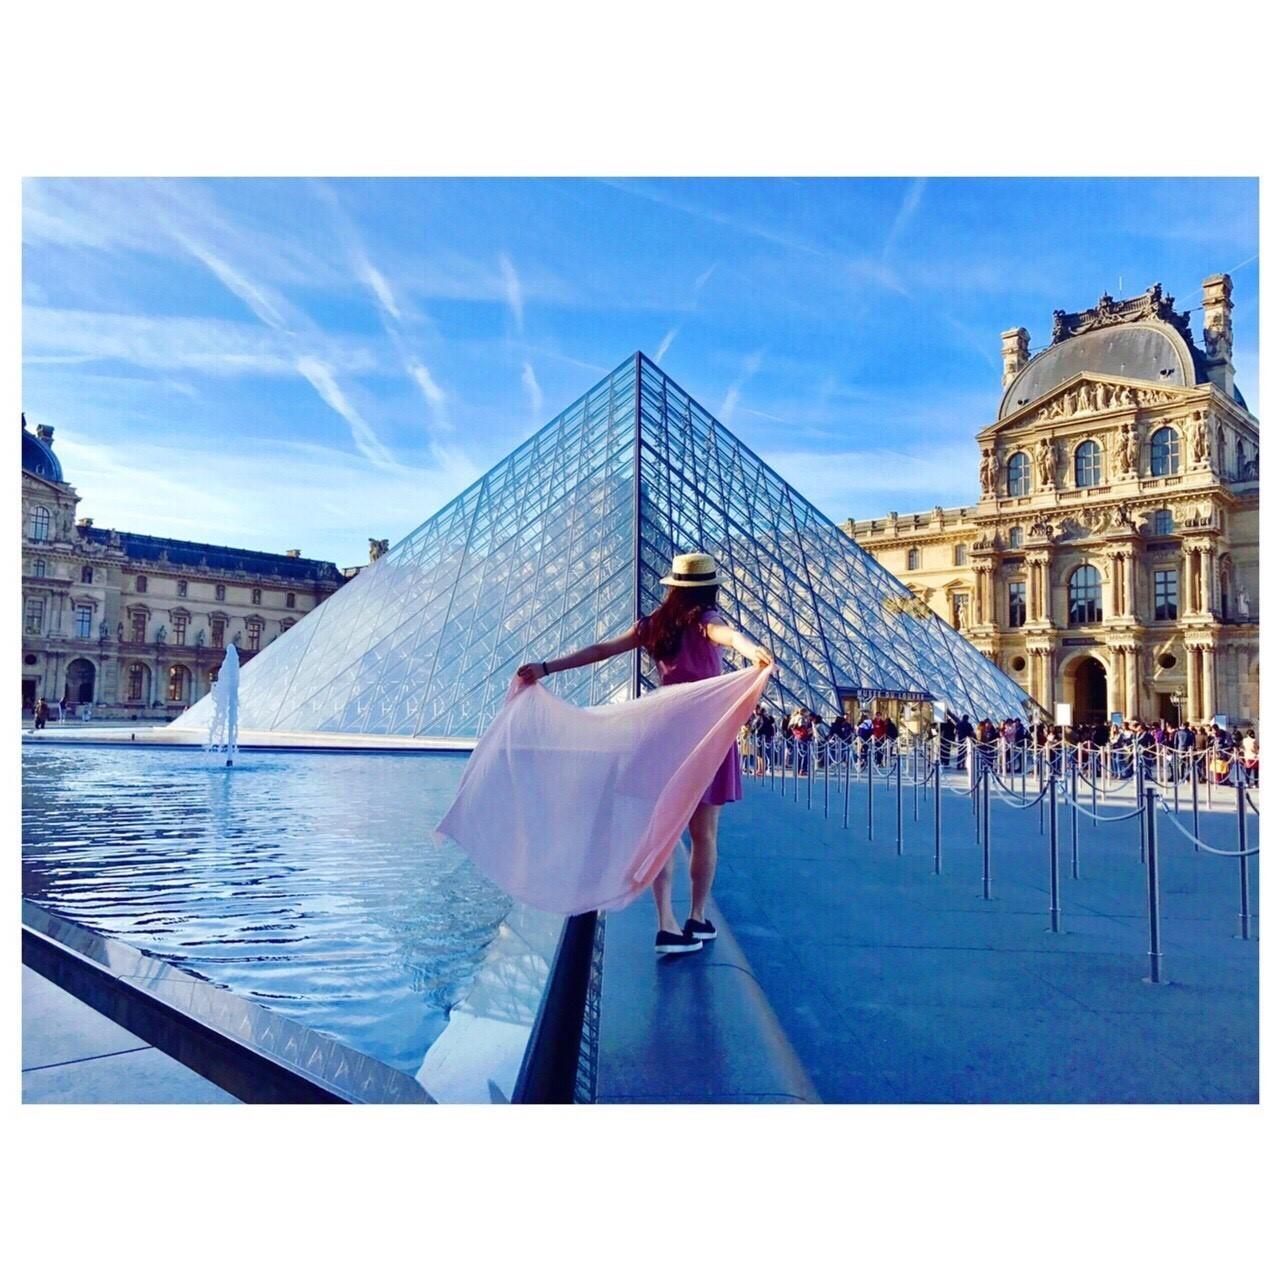 【フランス・パリ】を満喫❤️インスタグラム映え!_1_2-2